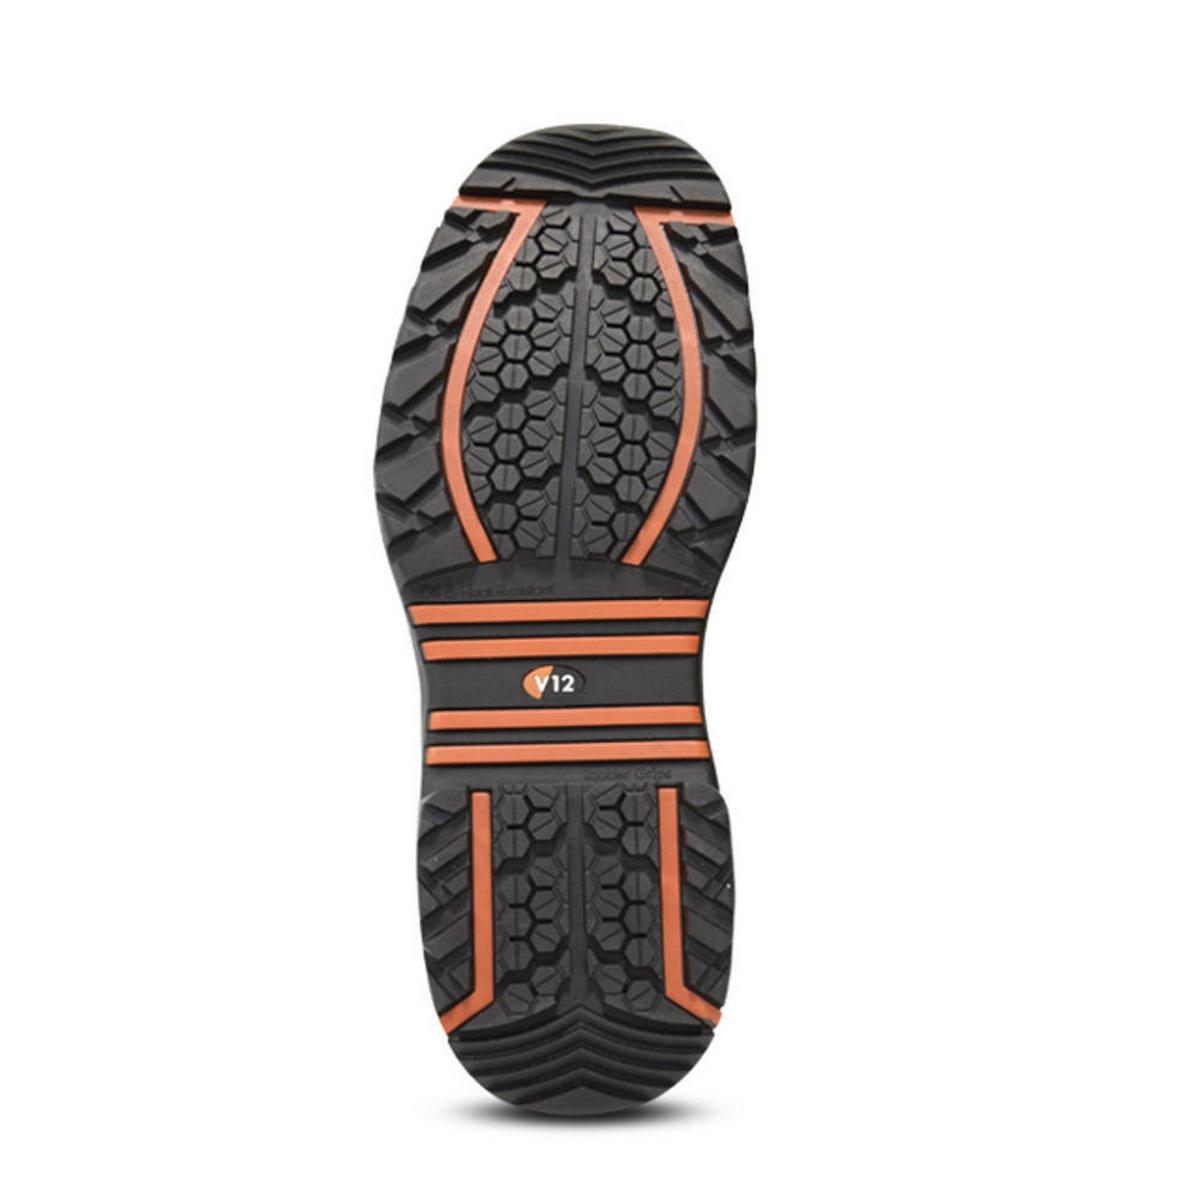 V12 Bison Safety Boot Sole